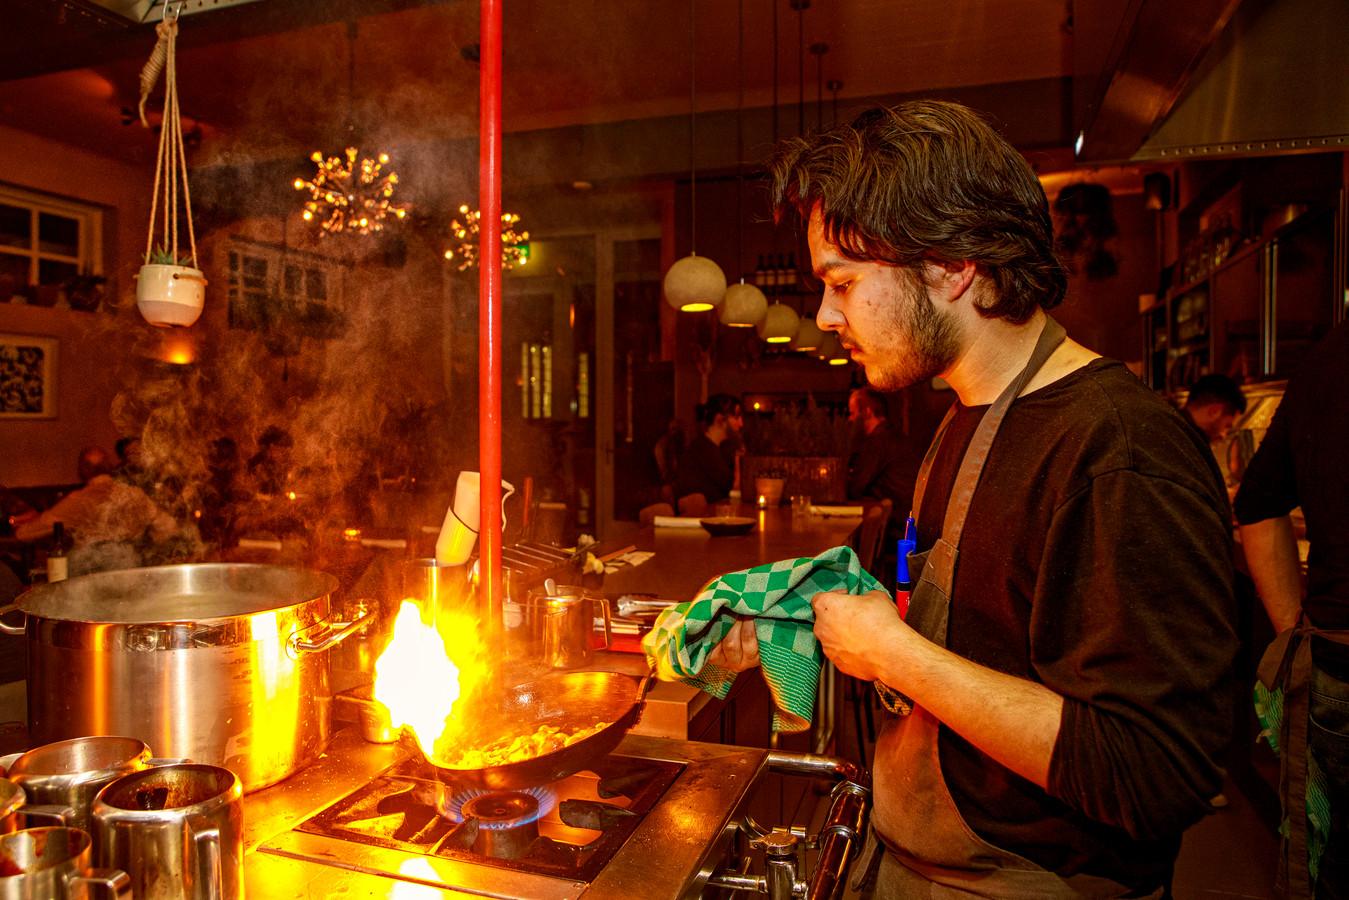 De open keuken van restaurant De Kazerne is een echte blikvanger.